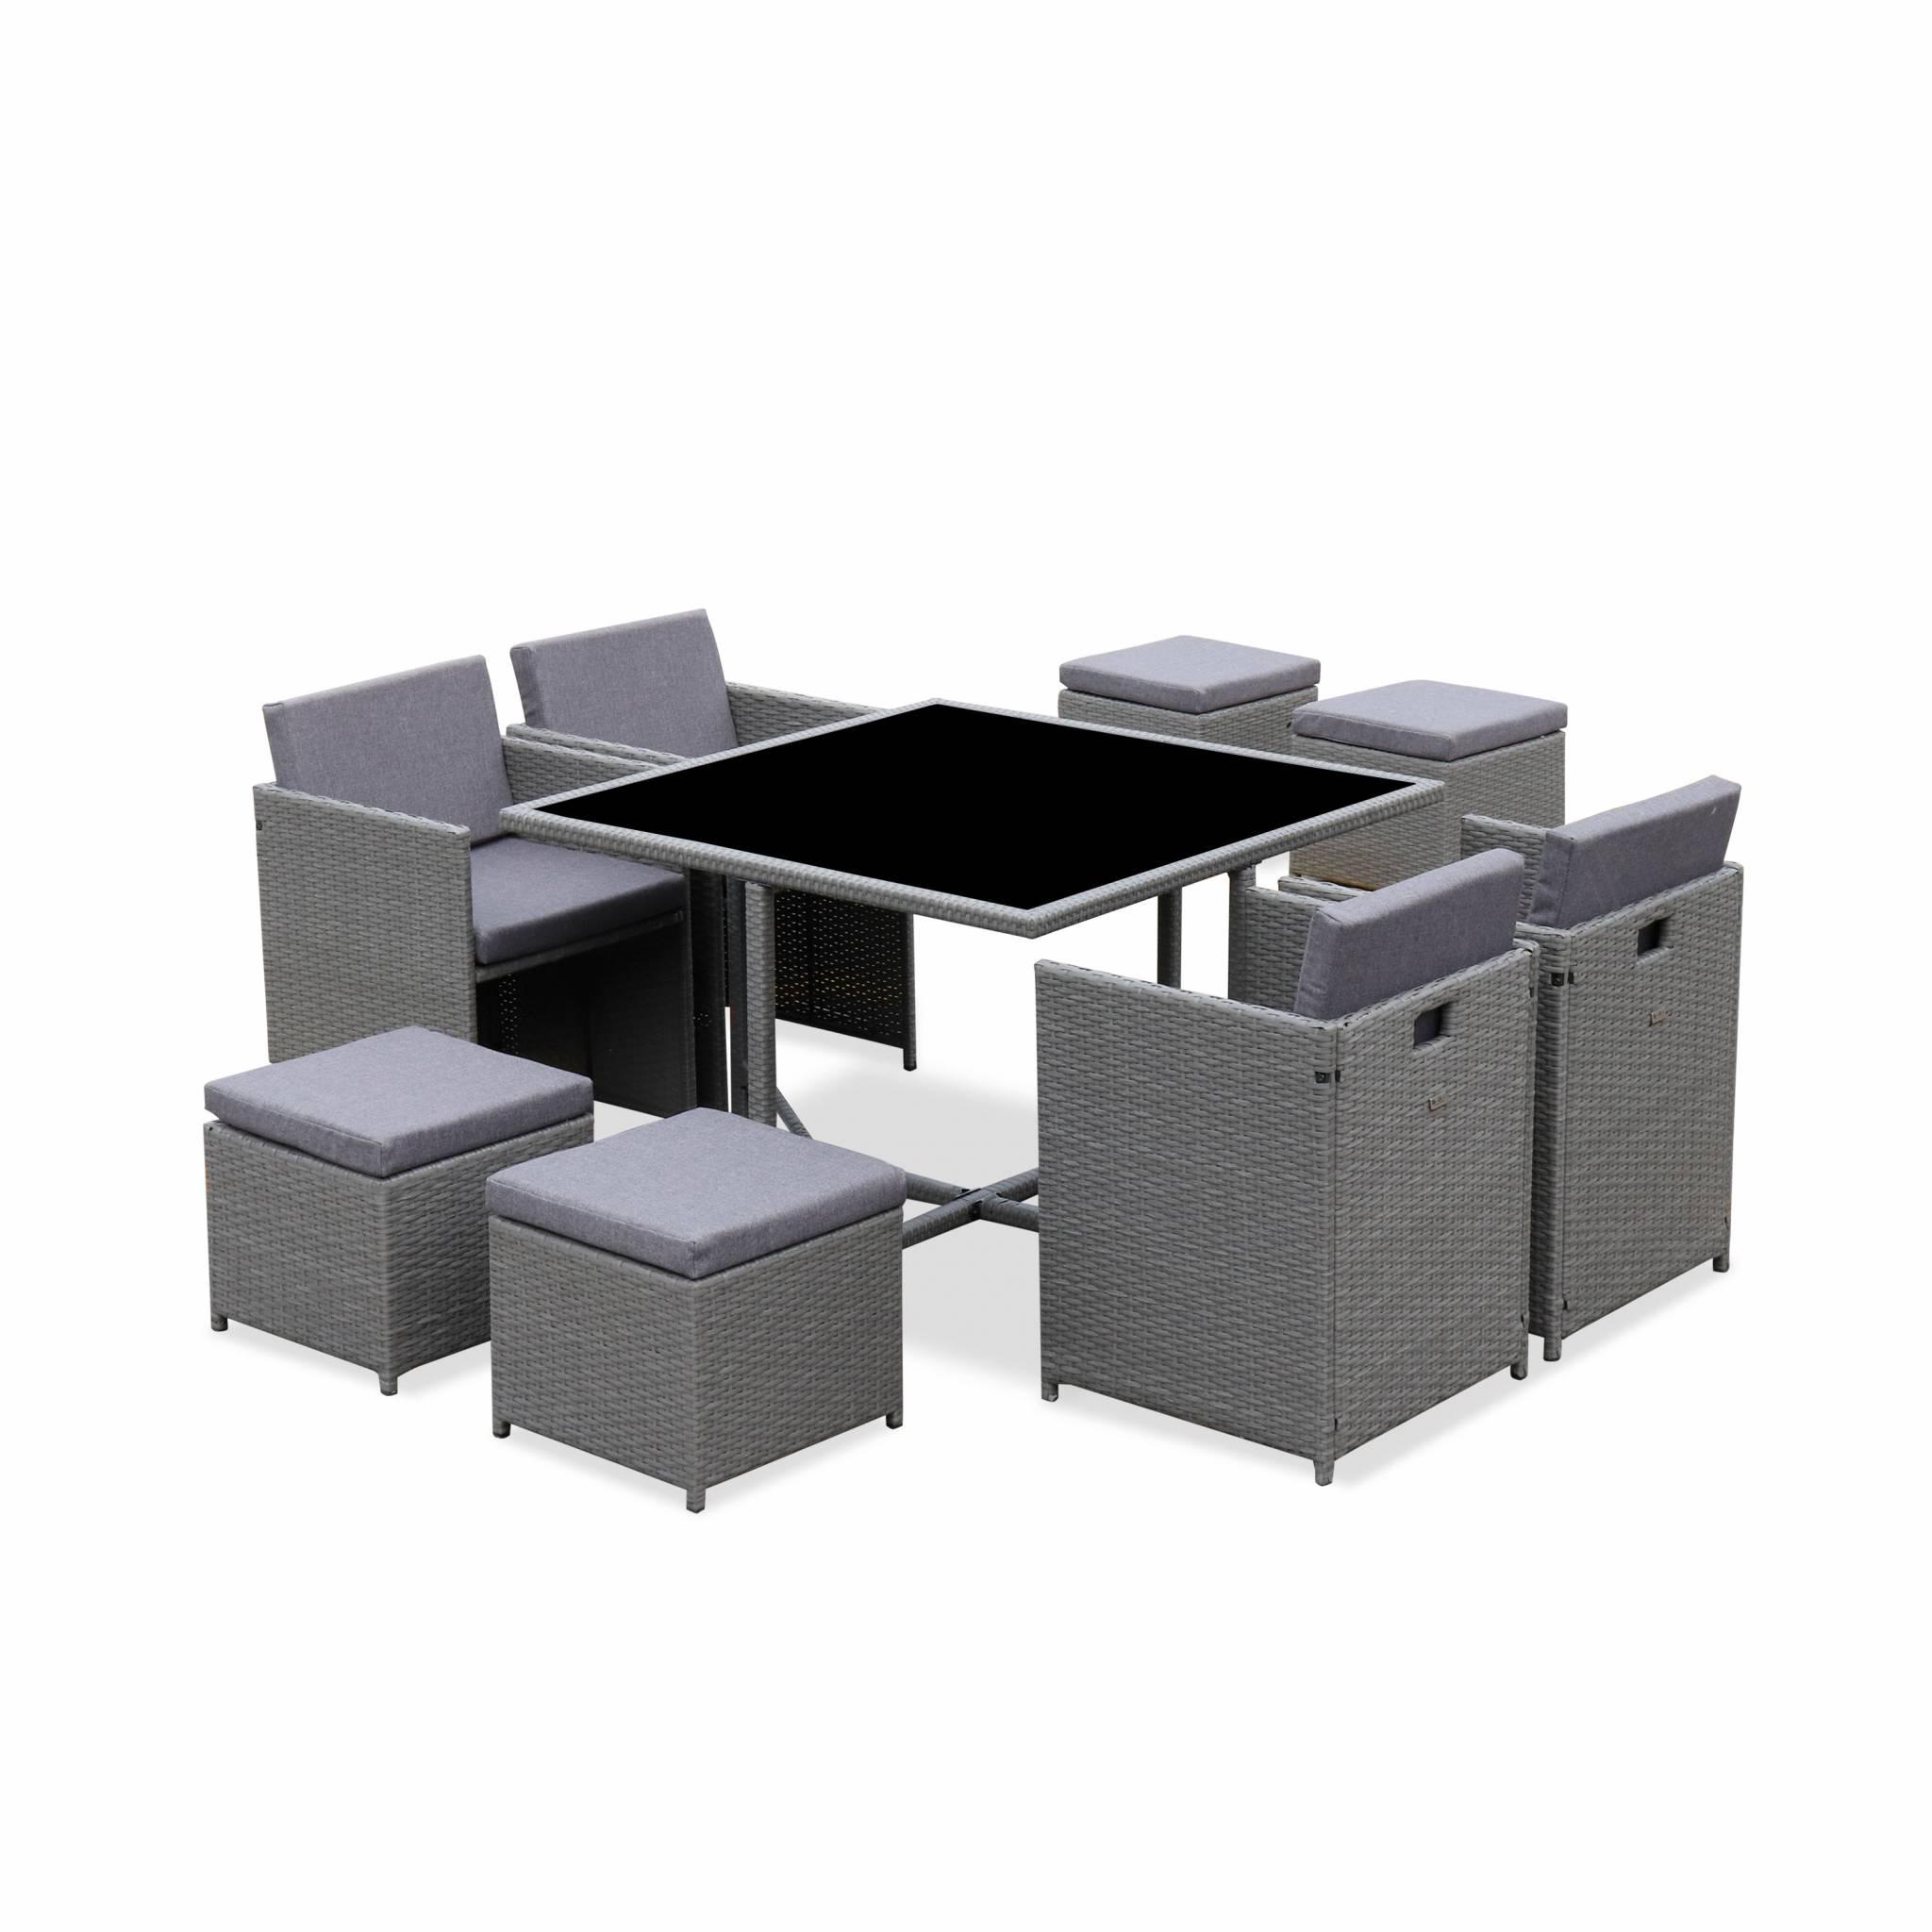 Ensemble de jardin 4-8 places gris avec coussins gris chiné